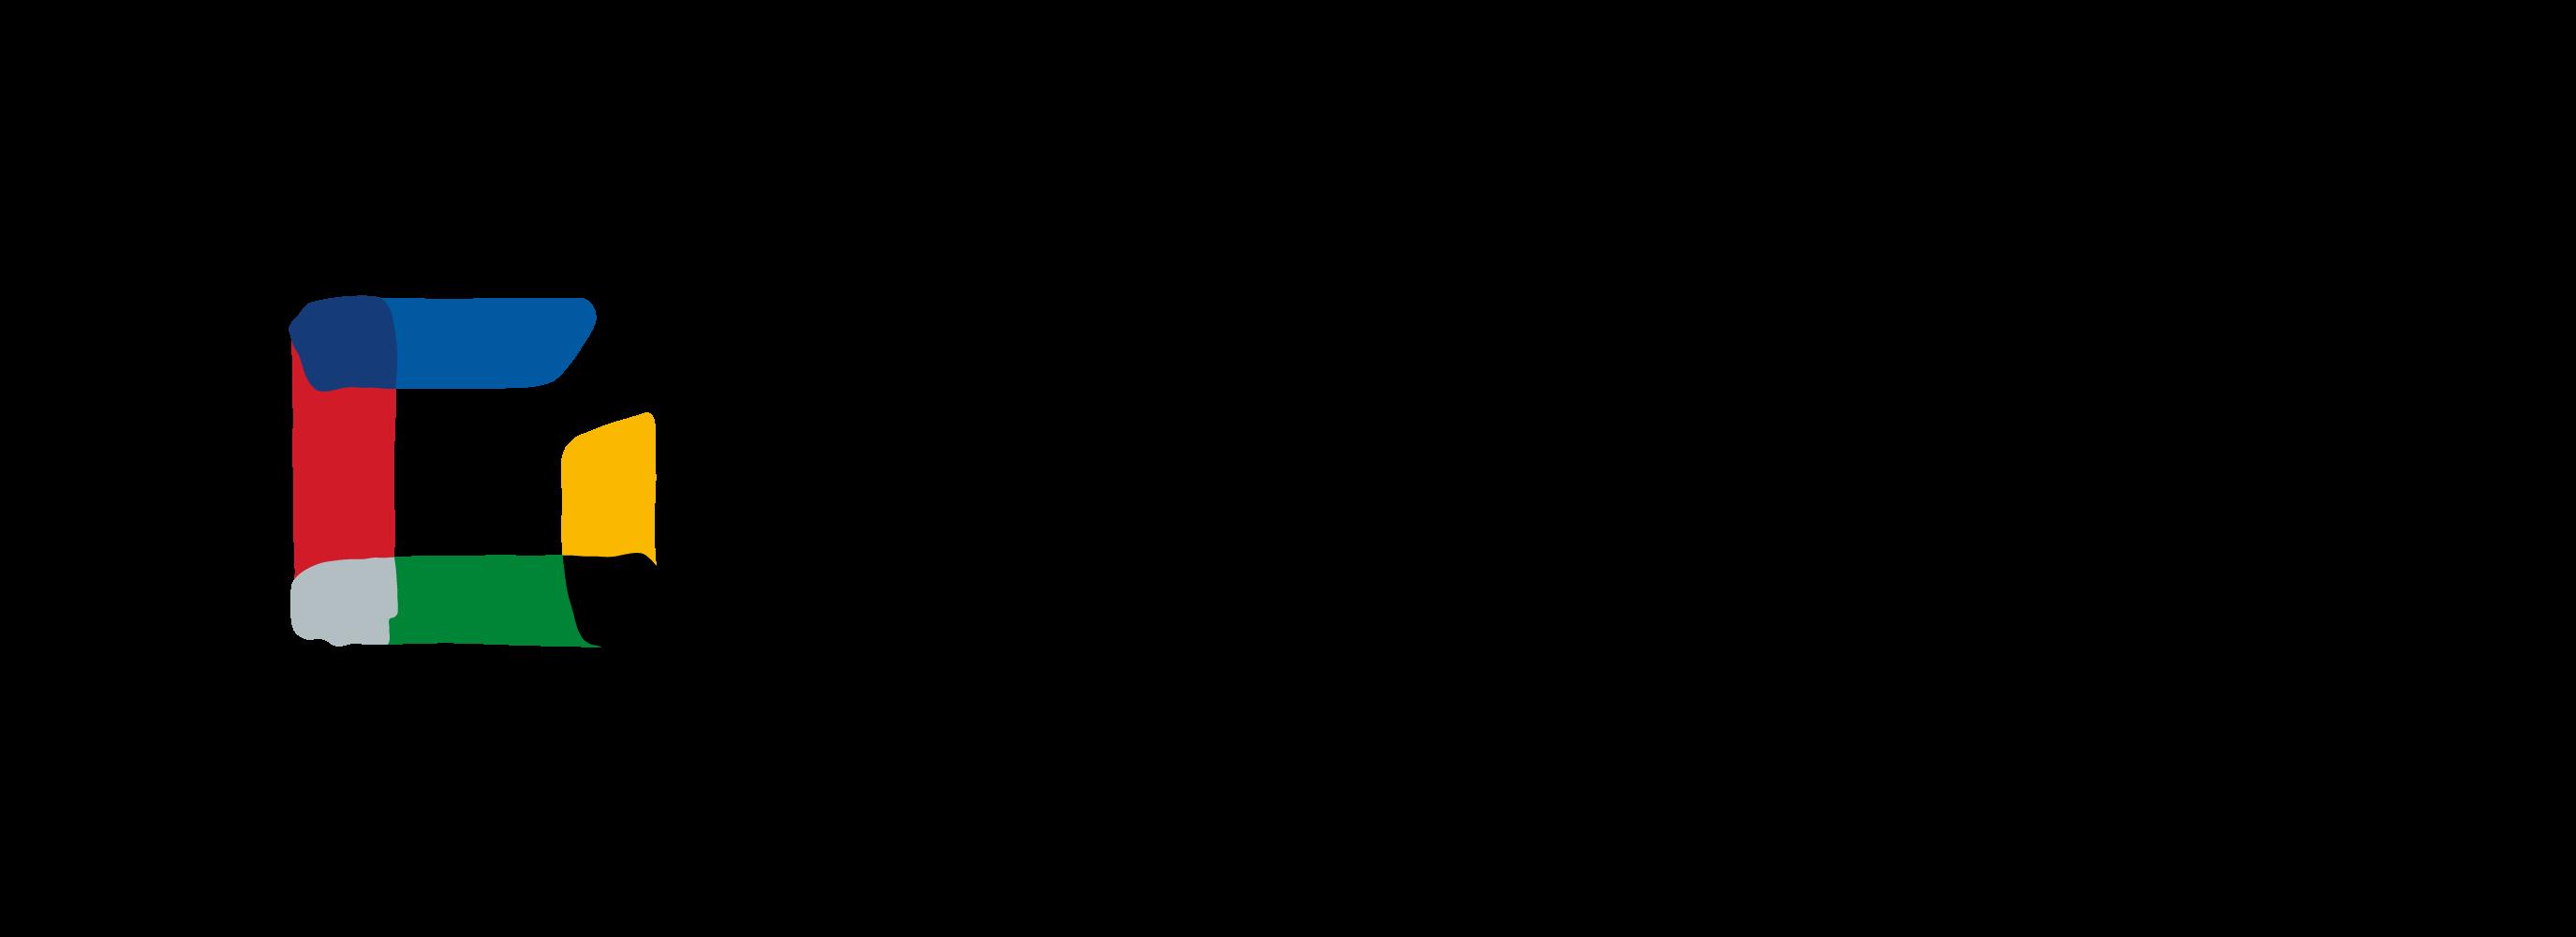 LOGO-POL-rgb